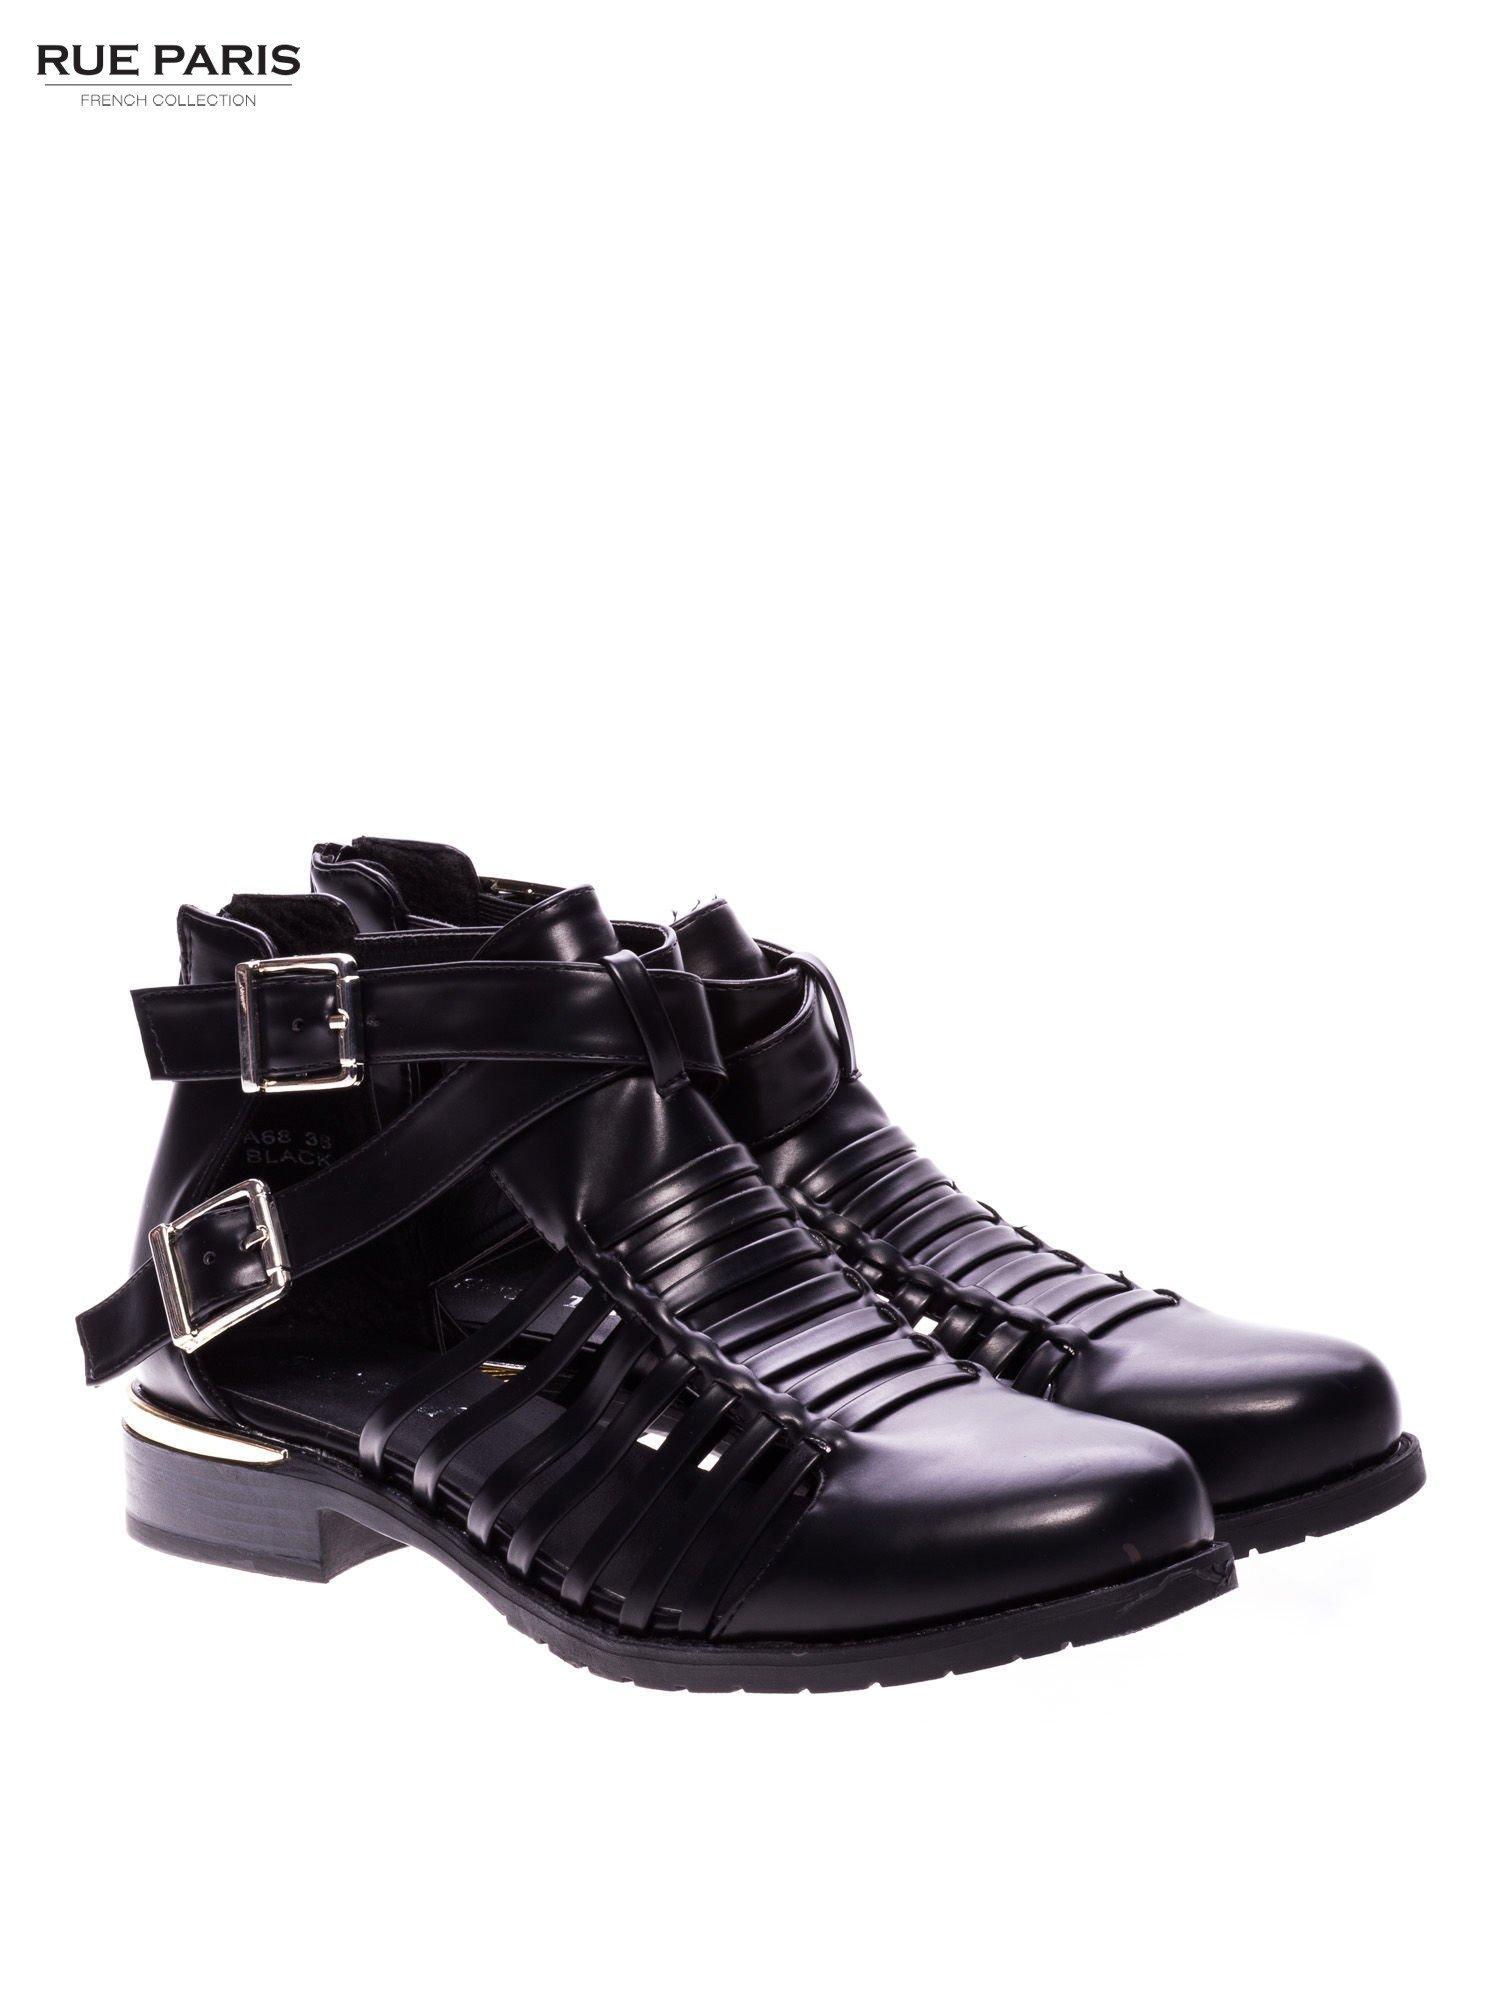 Czarne sandały cut out z klamerkami i złotym obcasem                                  zdj.                                  2